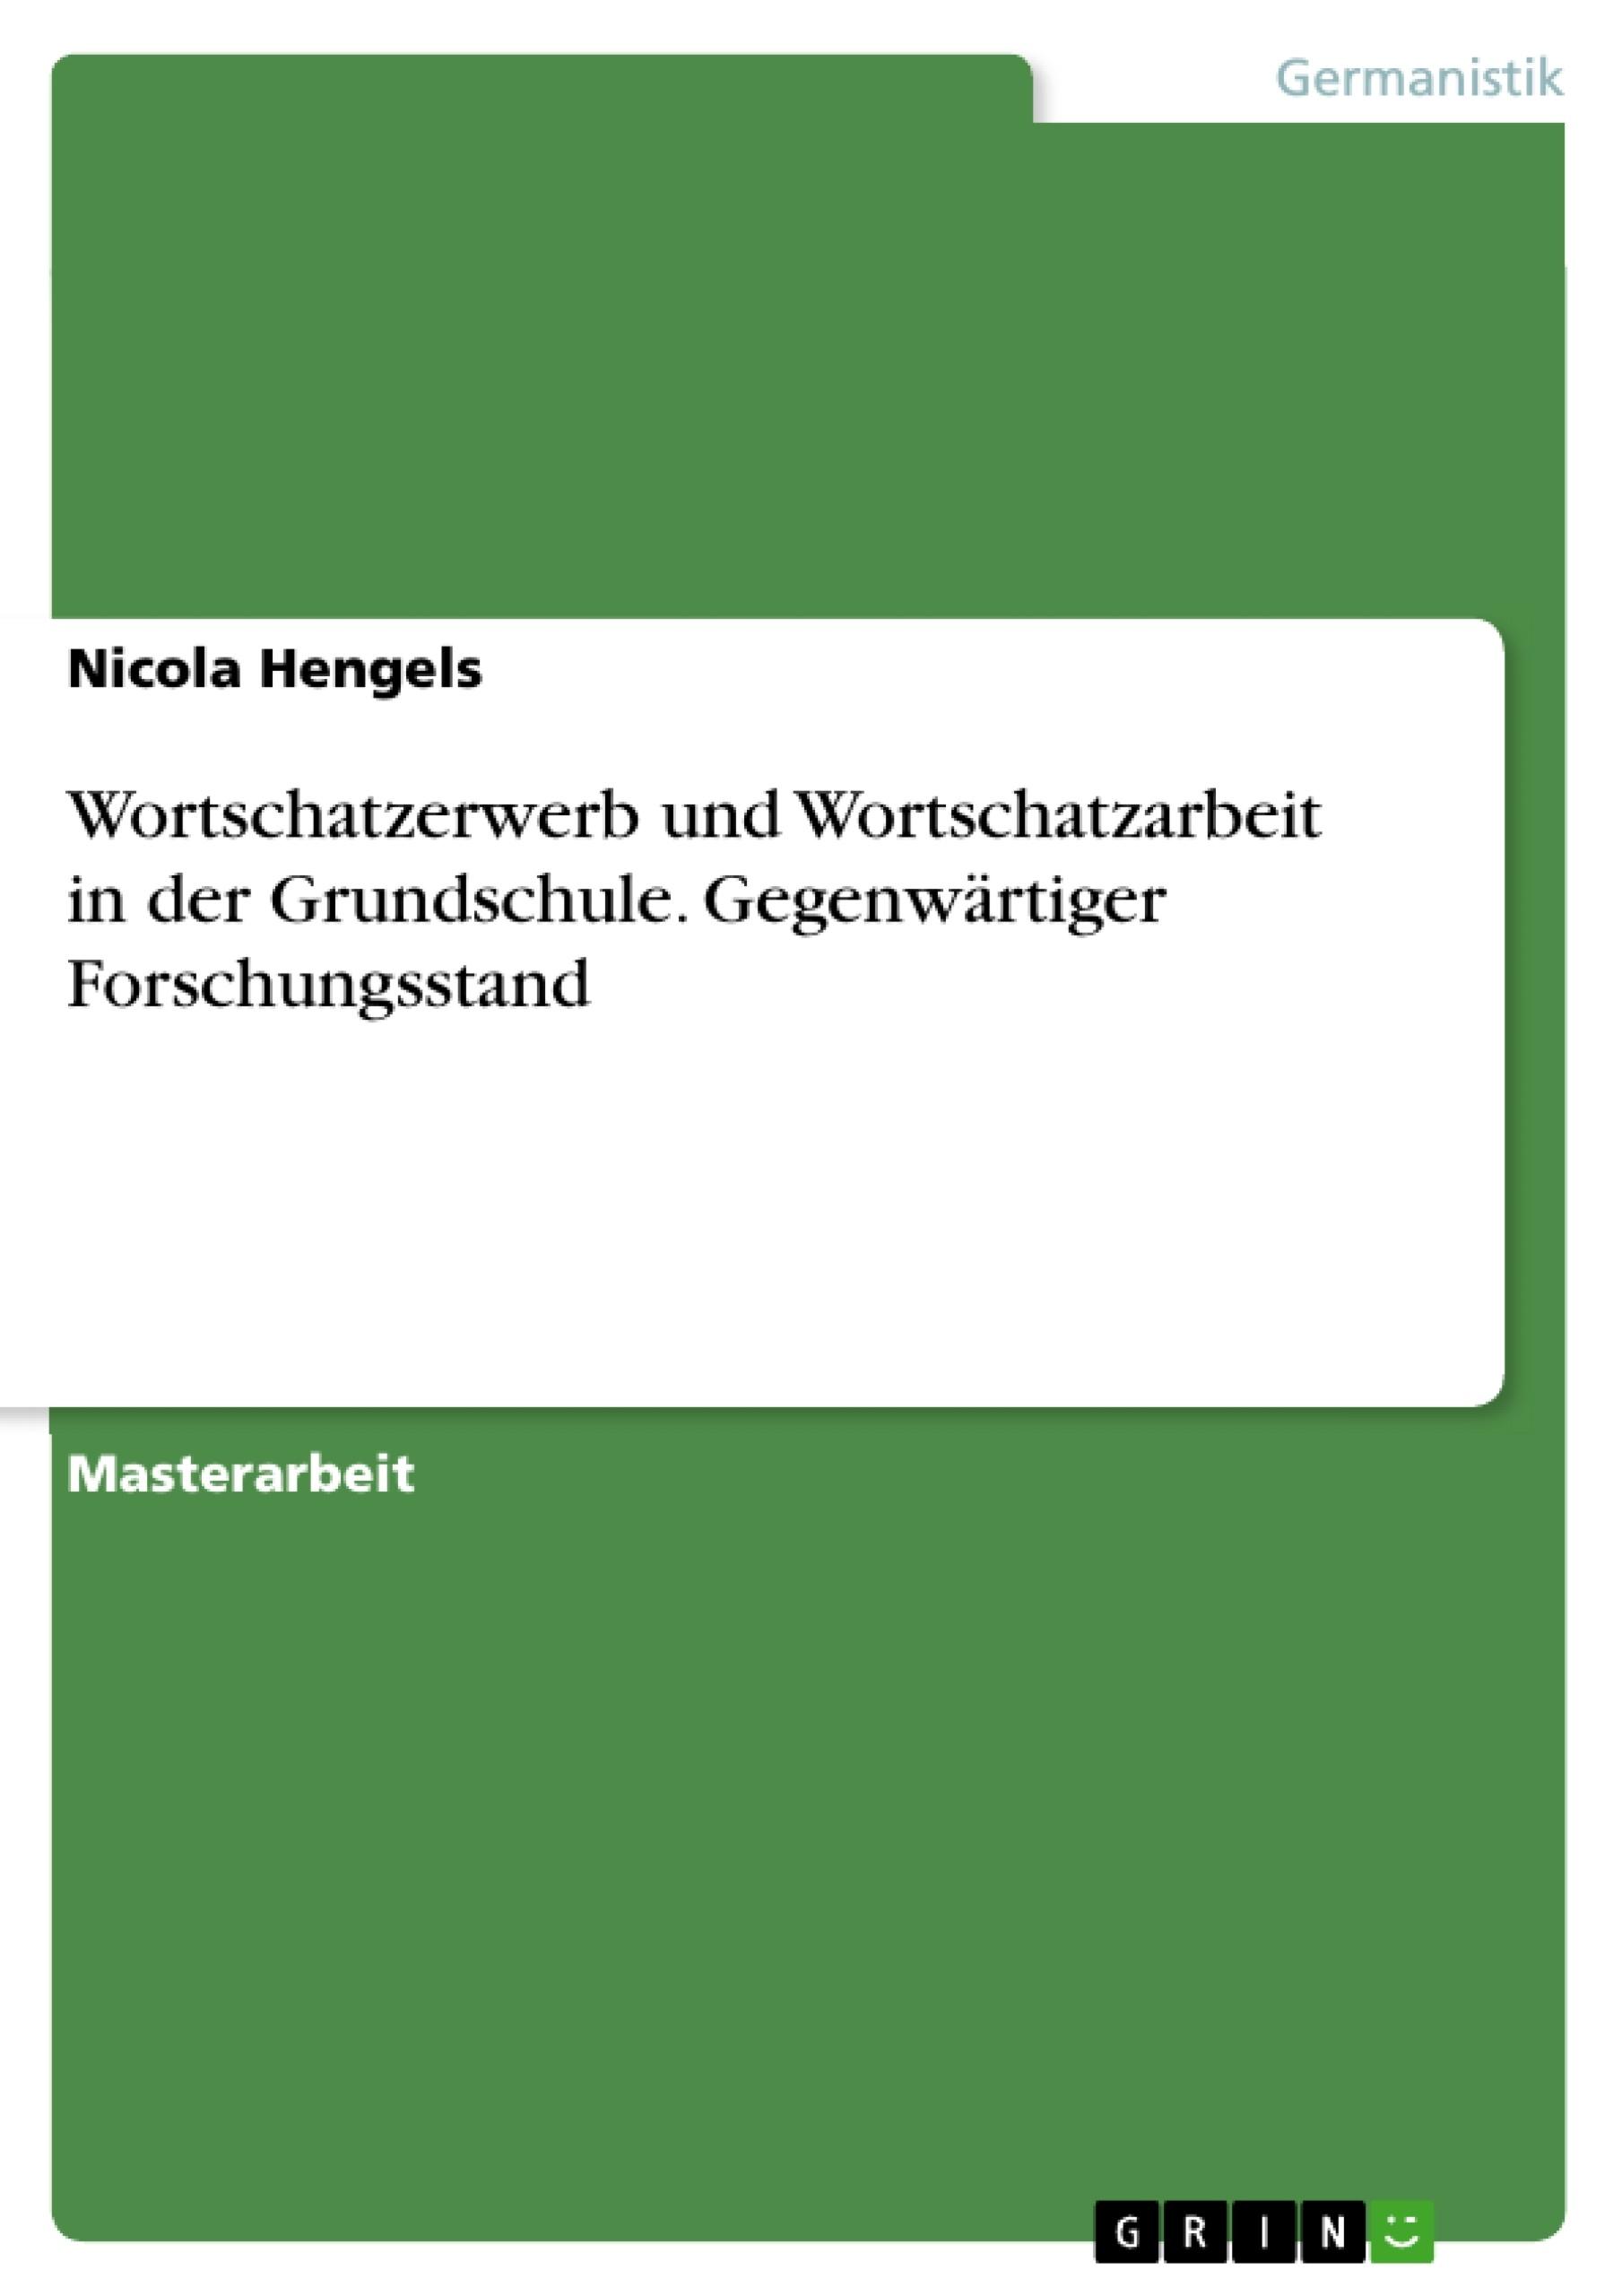 Titel: Wortschatzerwerb und Wortschatzarbeit in der Grundschule. Gegenwärtiger Forschungsstand